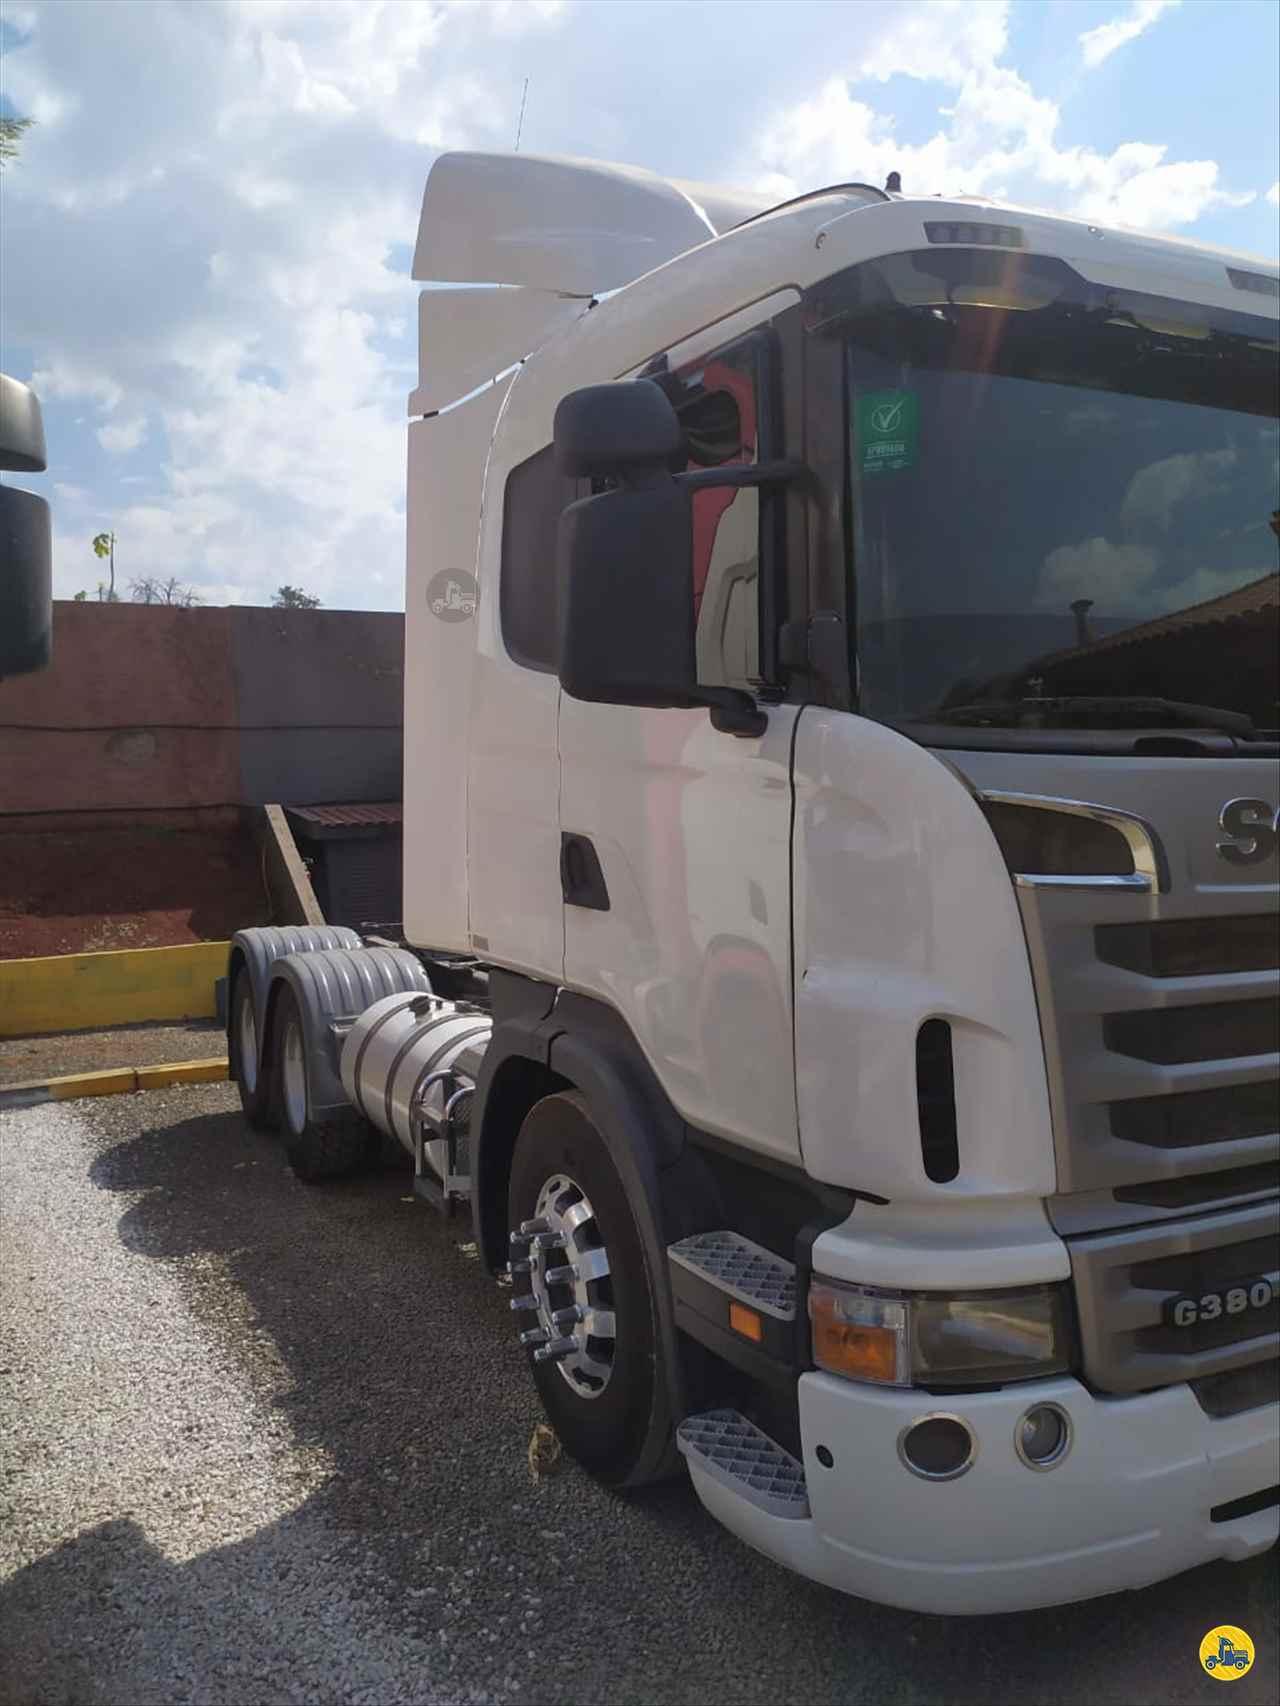 CAMINHAO SCANIA SCANIA 380 Cavalo Mecânico Truck 6x2 Maracavel Londrina Caminhões LONDRINA PARANÁ PR